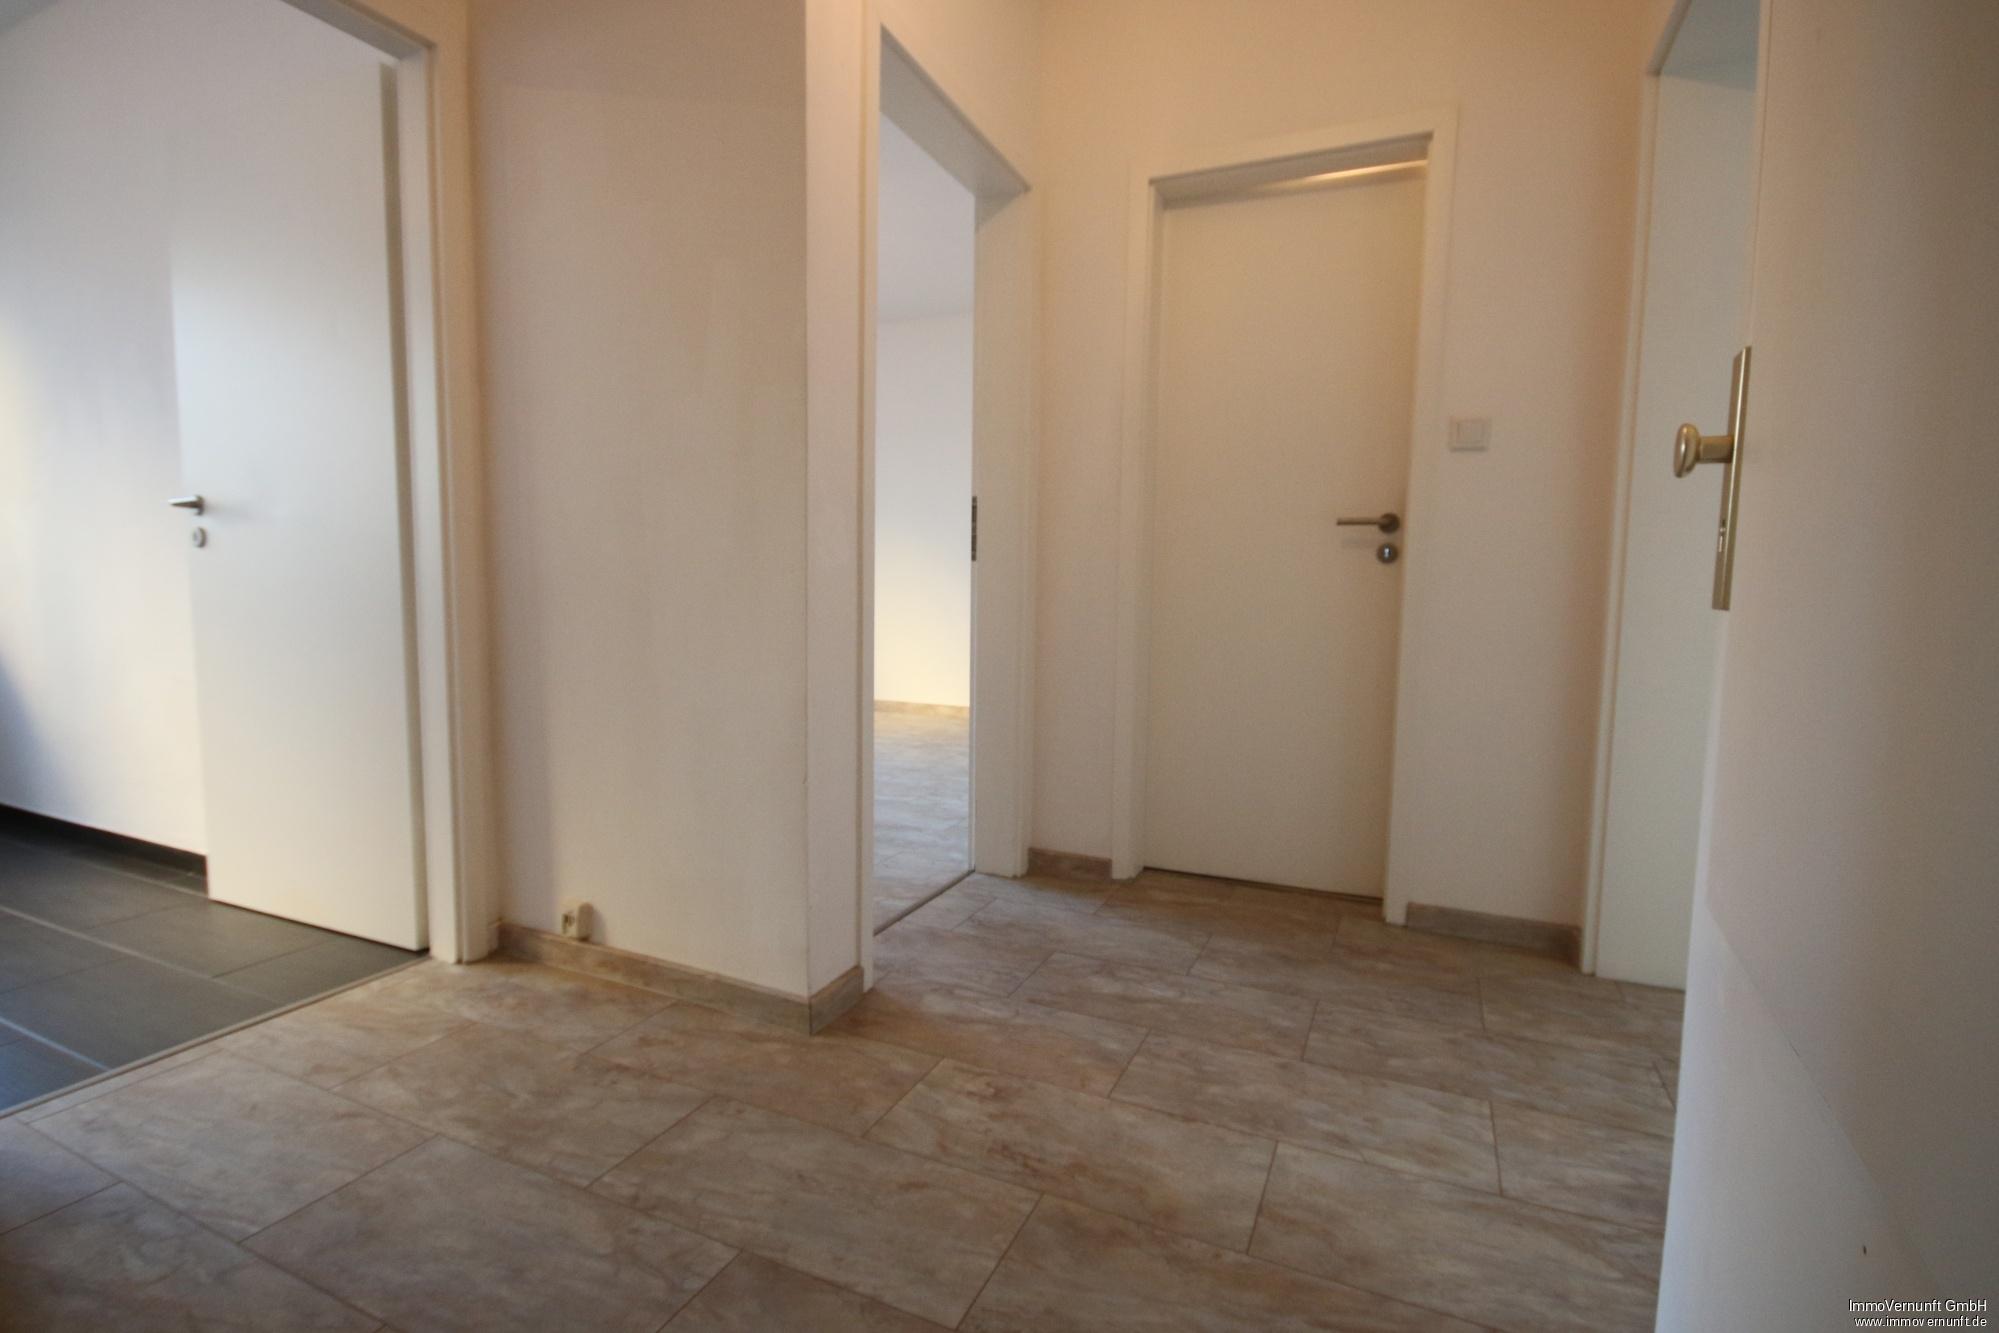 Renovierte 52m² Eigentumswohnung  in OB – Einziehen und Wohlfühlen- 46045 Oberhausen, Erdgeschosswohnung